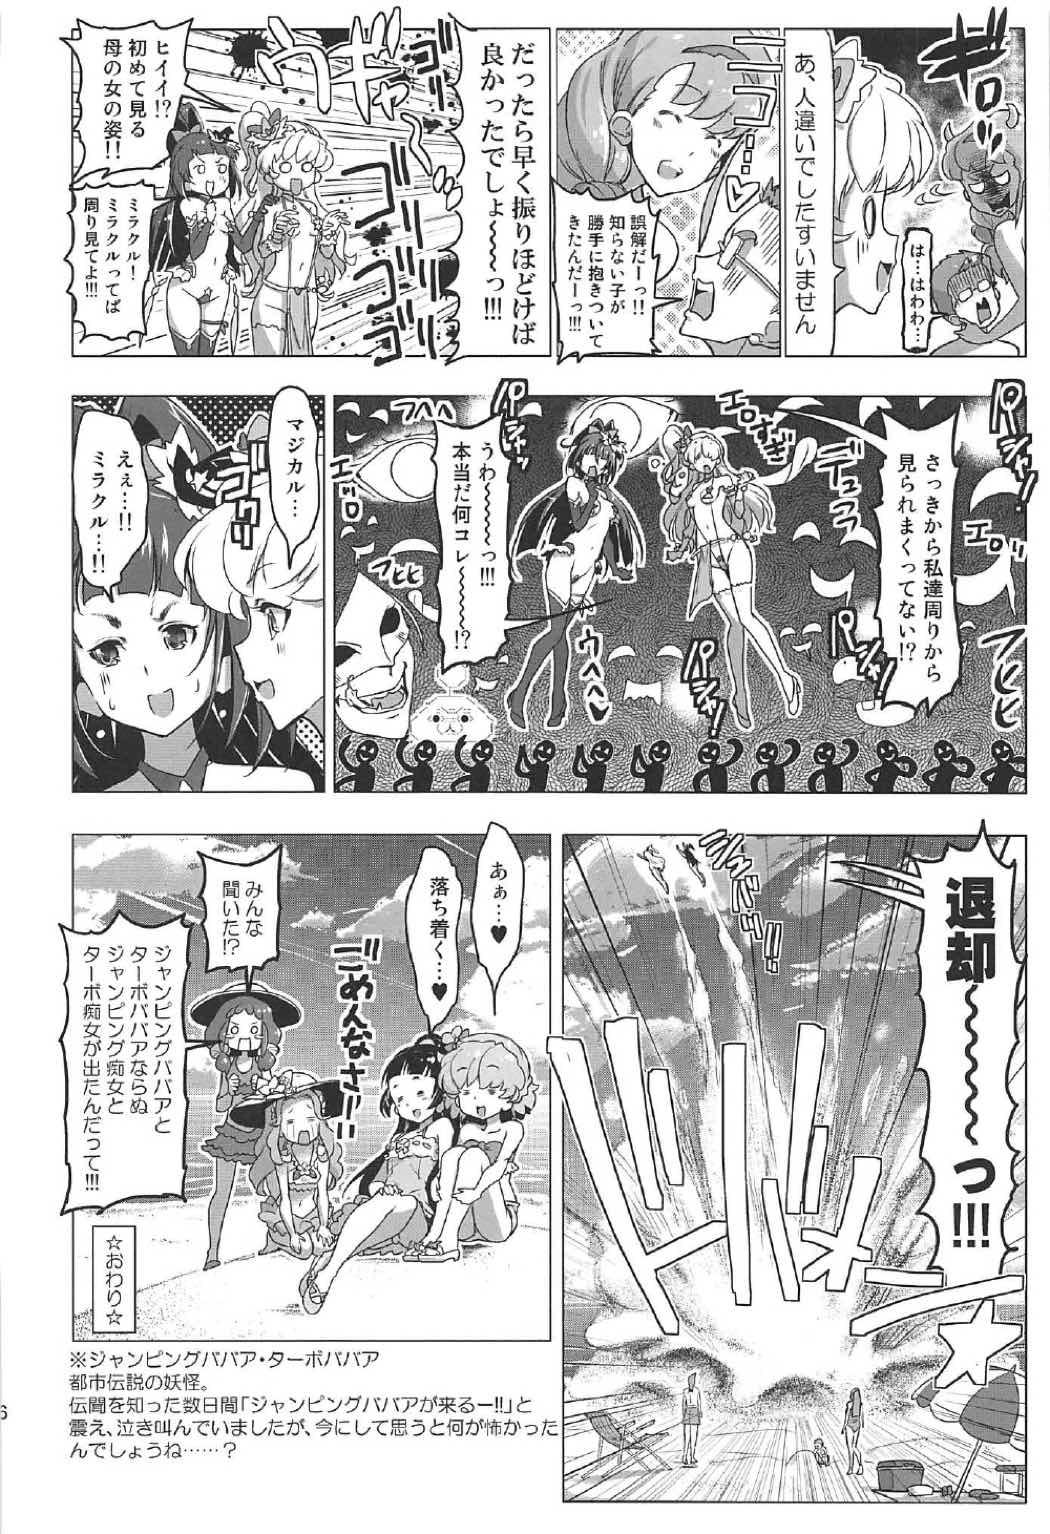 Yuri Mahou wa Himitsu no Kaori 4 14